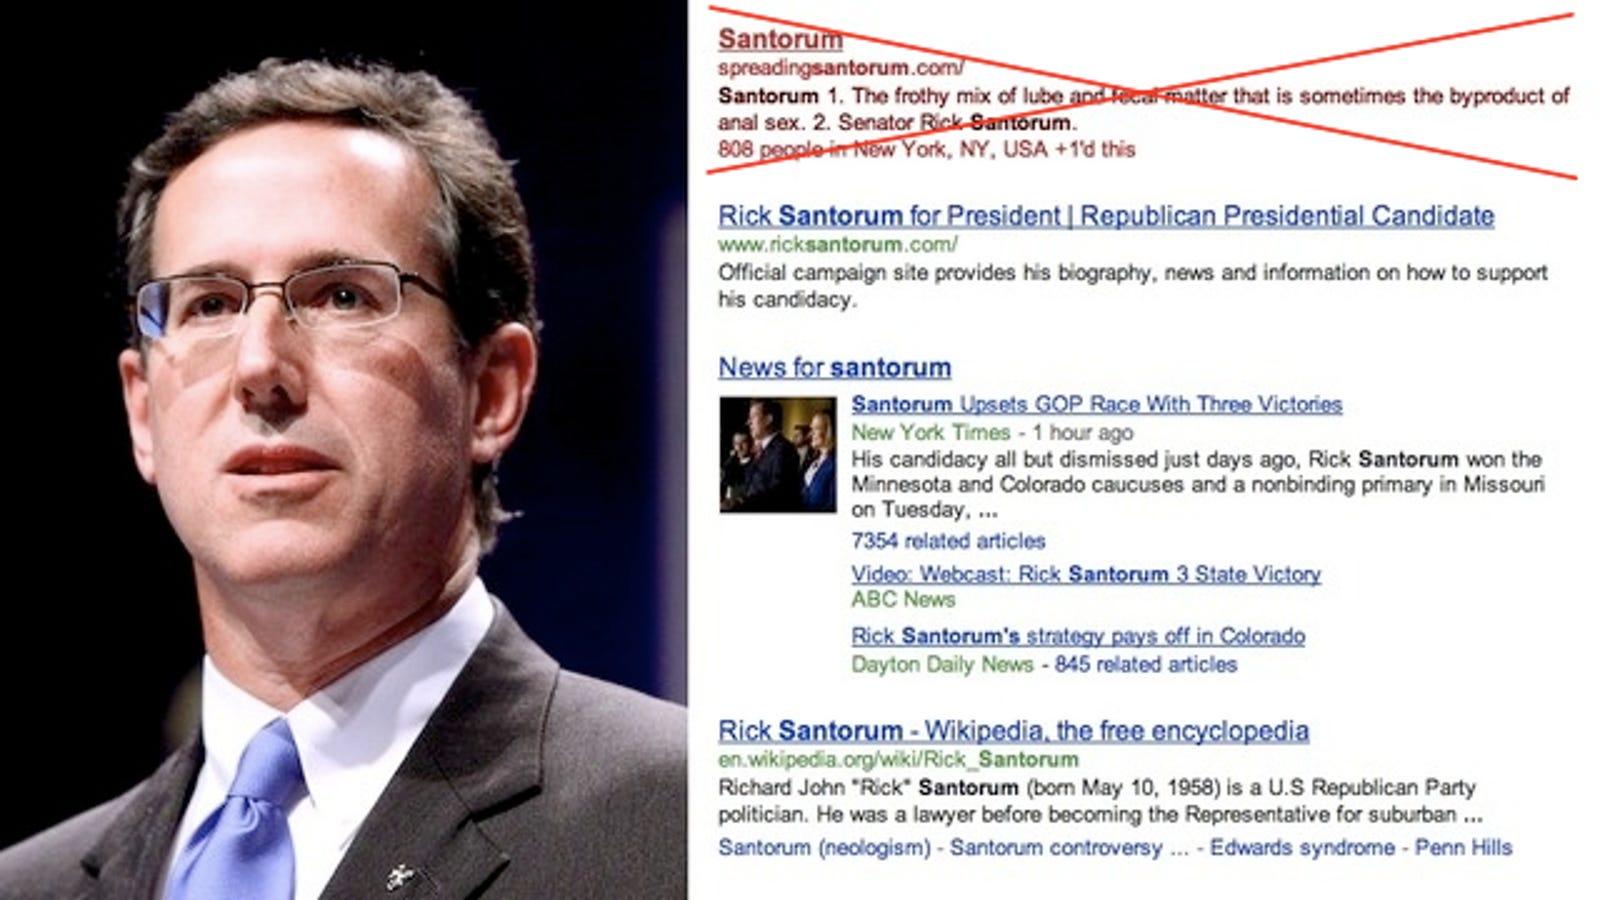 Santorum frothy lube fecal anal sex